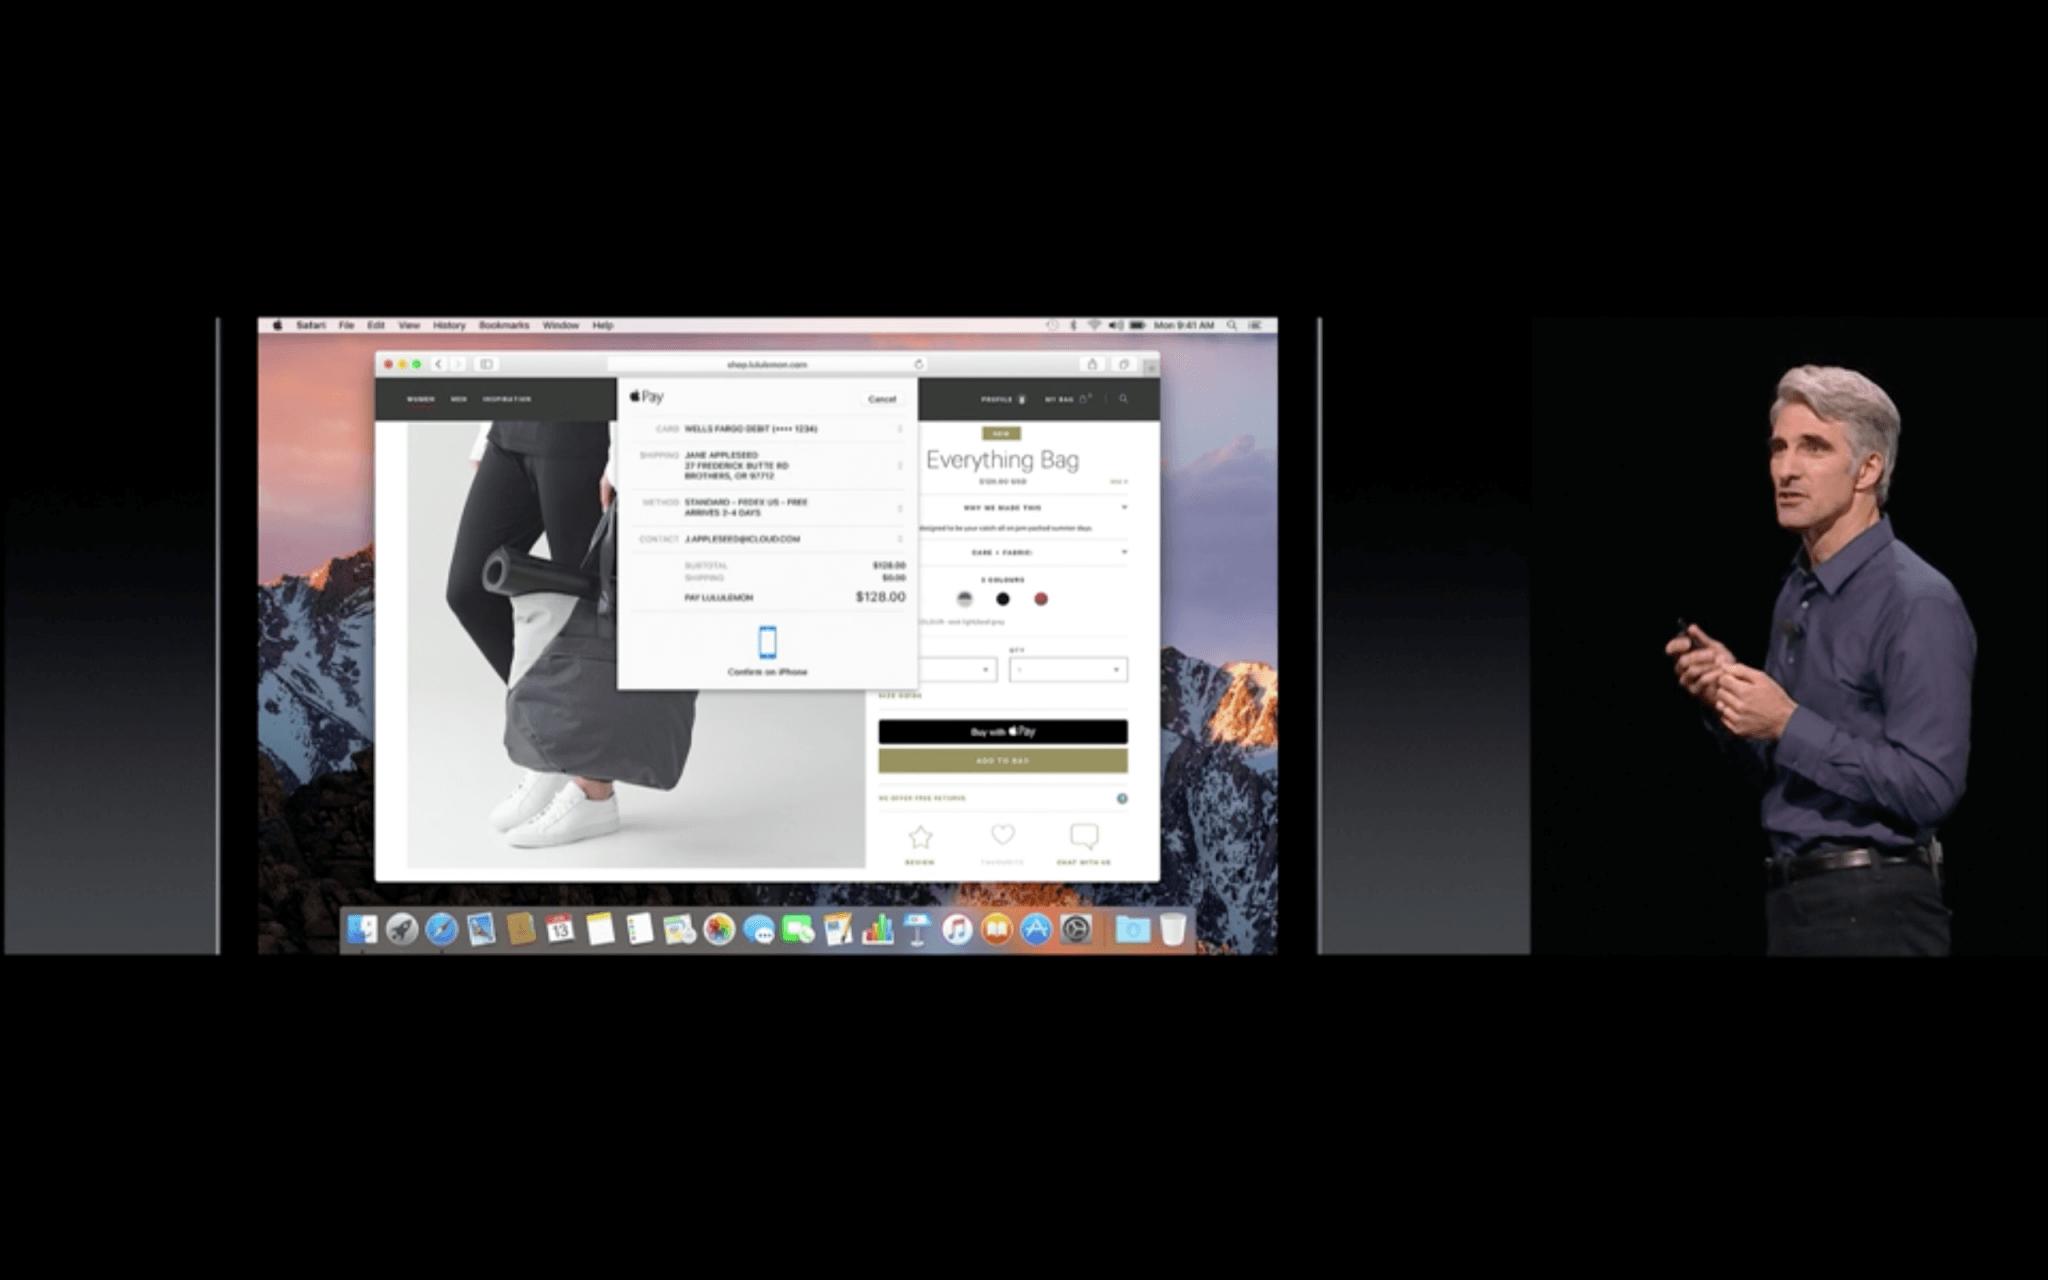 WWDC: Apple Pay steht ab demnächst auch im Web zur Bezahlung bereit (Screenshot von Apples Livestream)